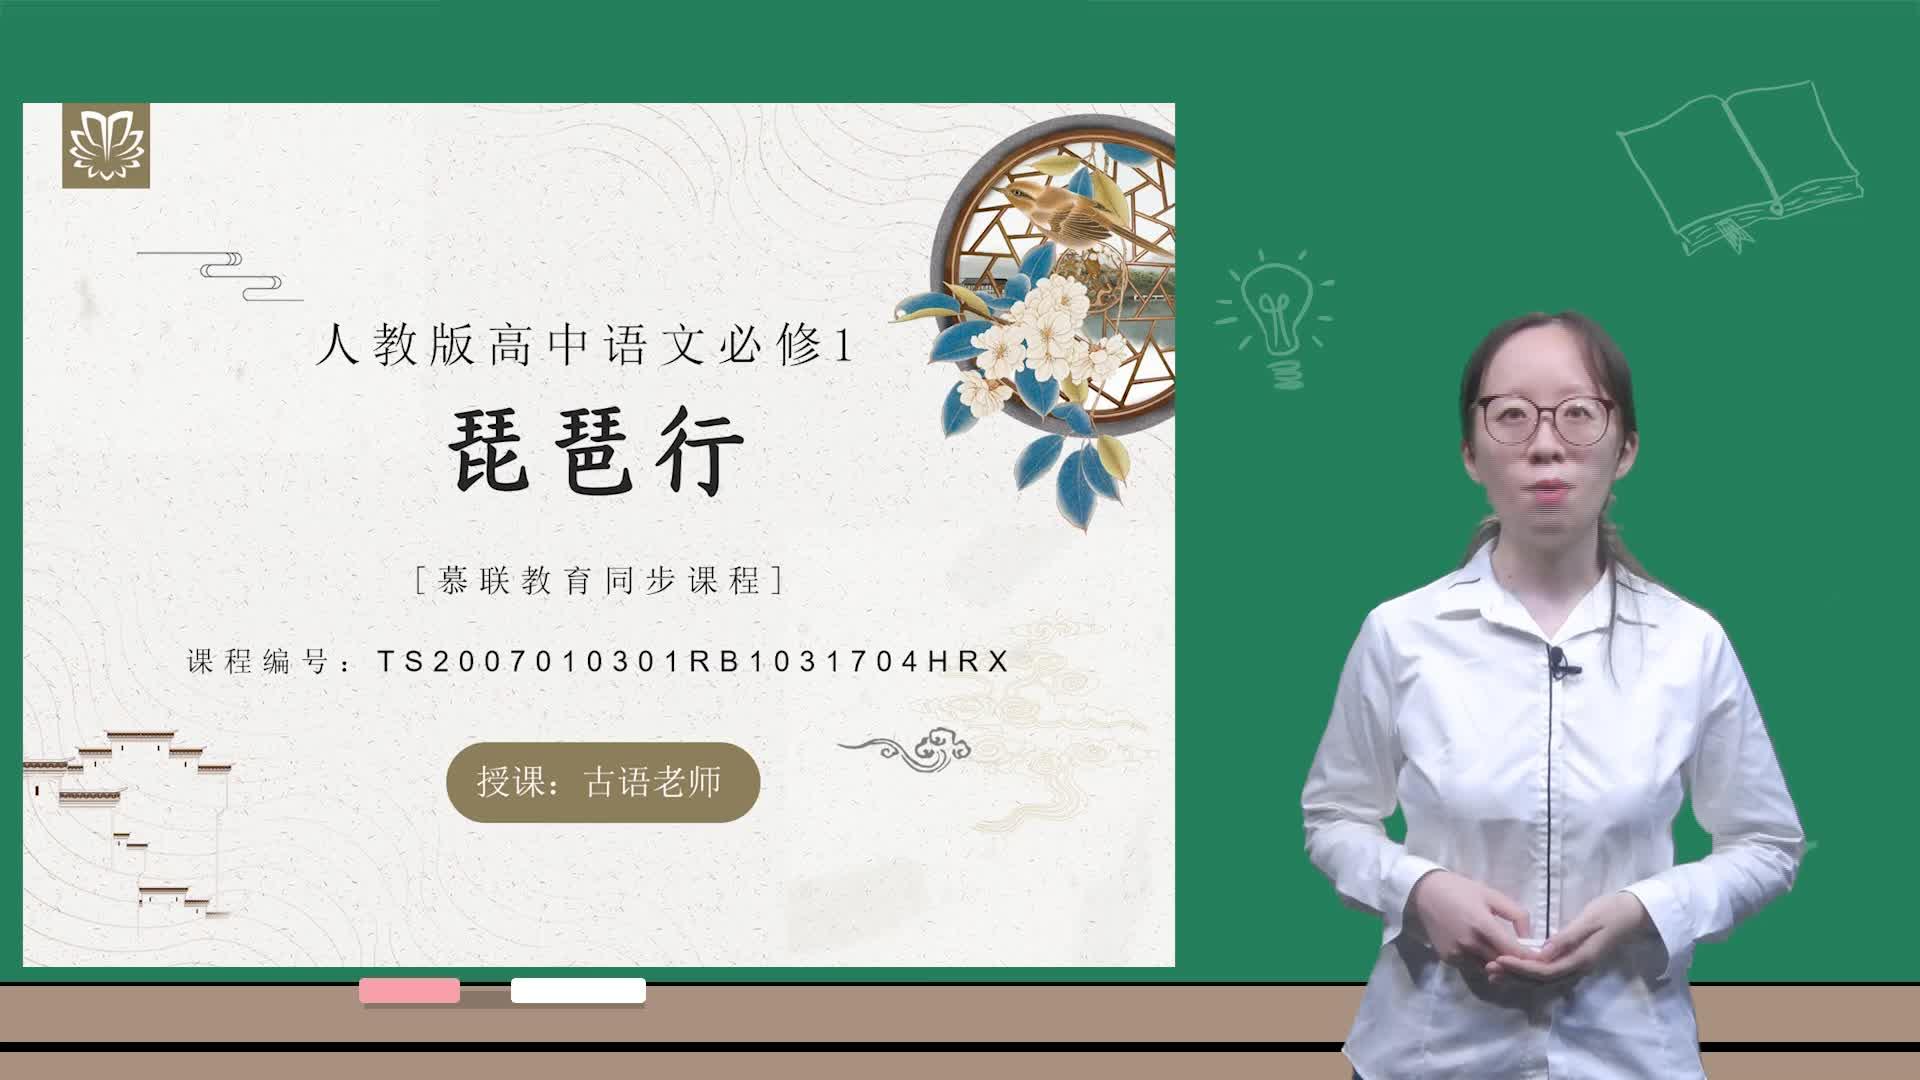 视频3.17.4琵琶行-【慕联】高中新教材完全同步统编版语文必修上册